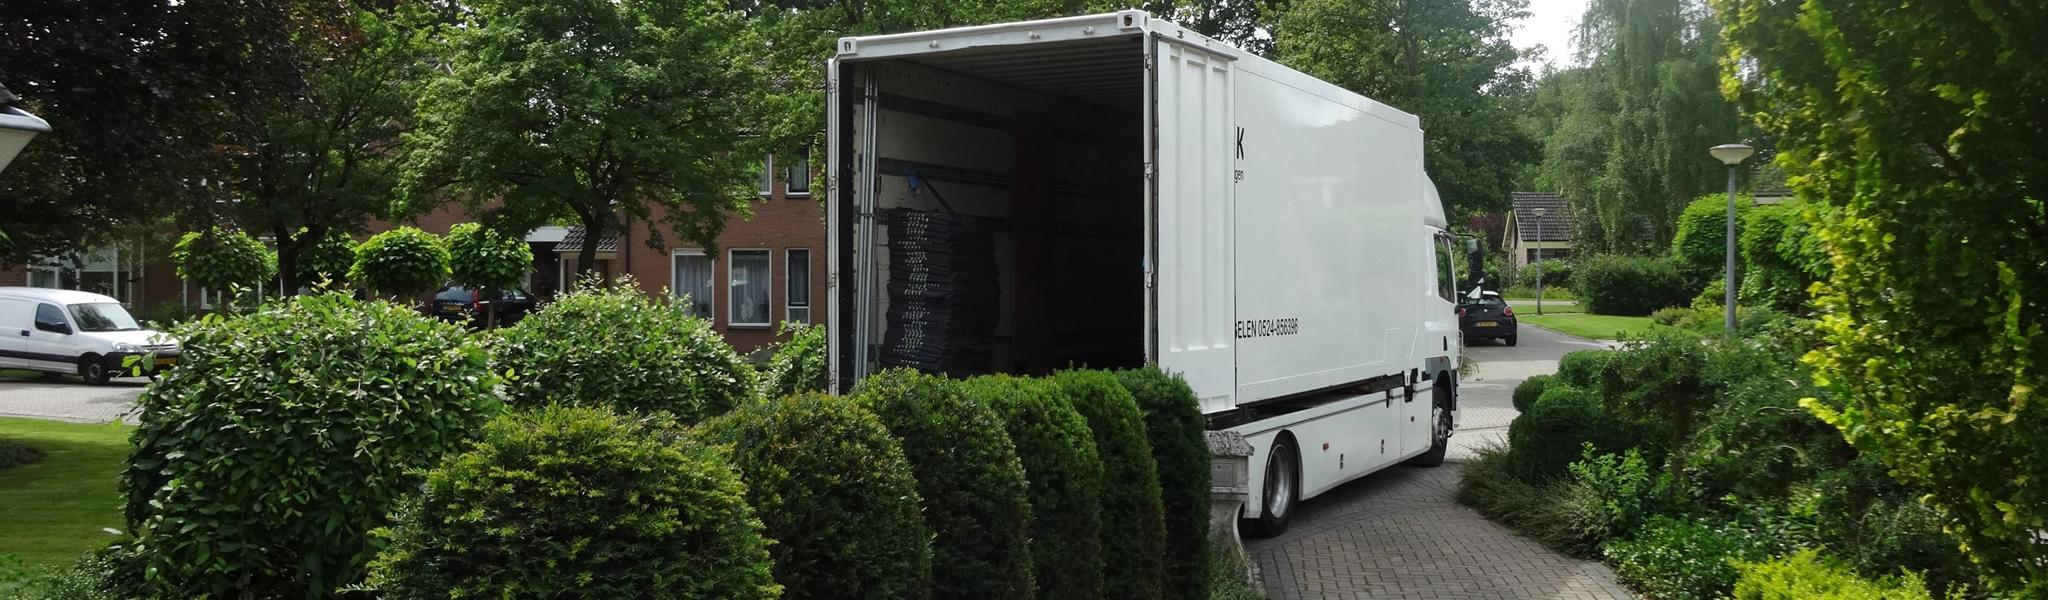 D&K Verhuizingen - Verhuiswagen met verhuizer huren